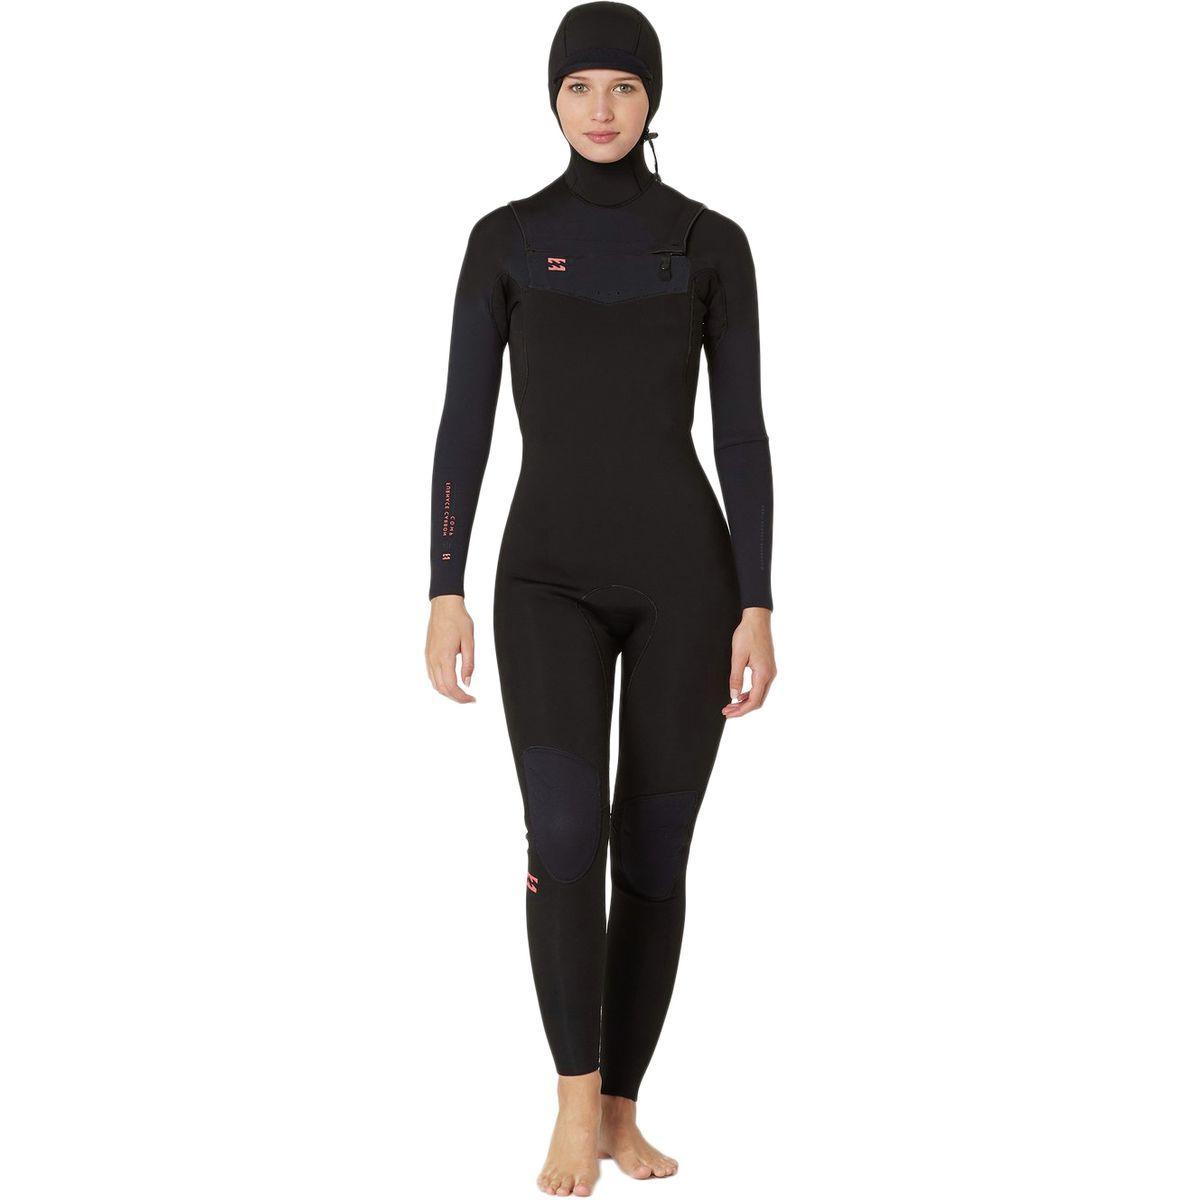 Billabong 5/4 Furnace Carbon Chest-Zip Hooded Wetsuit - Women's